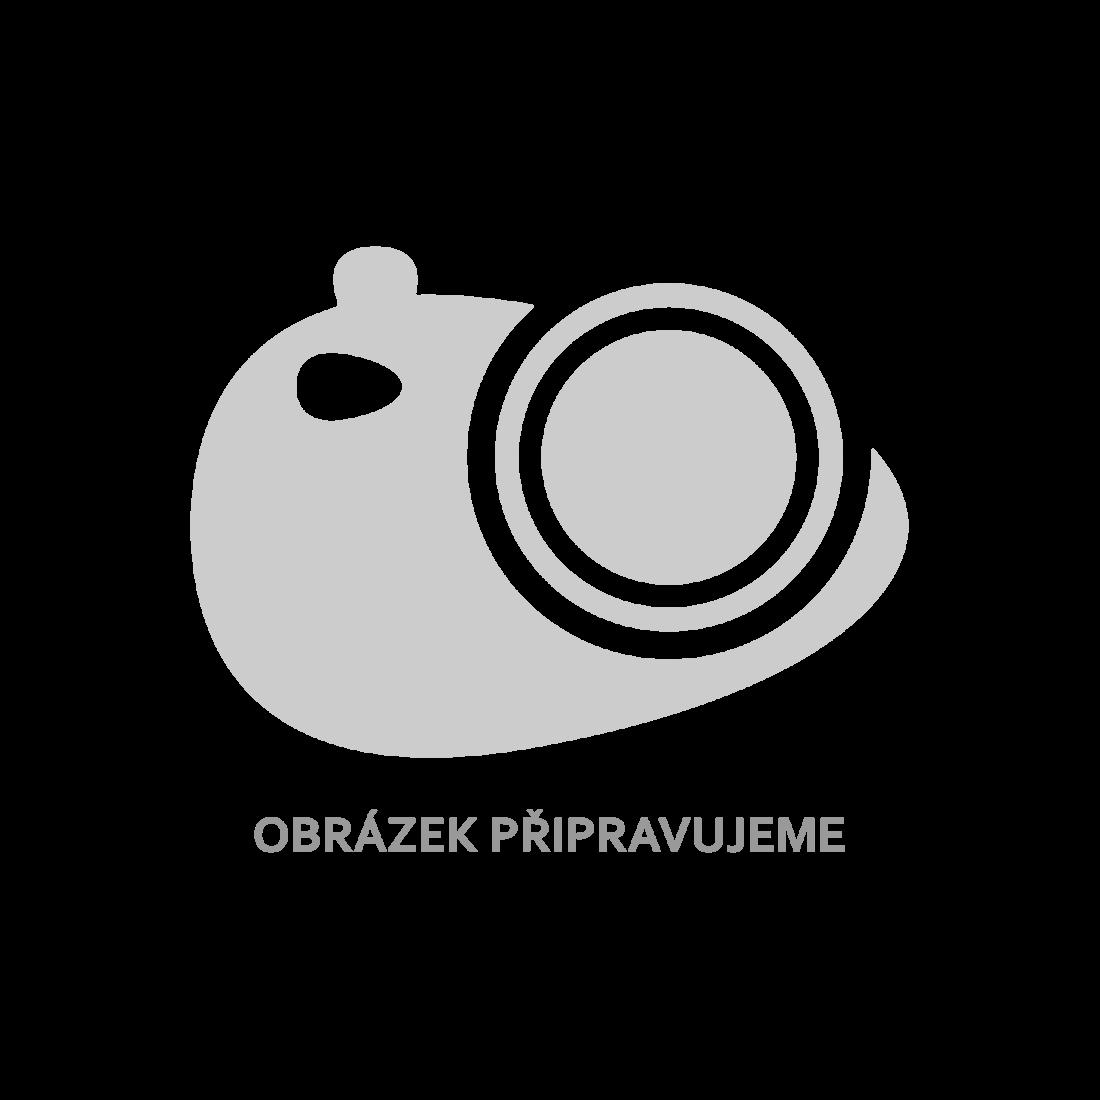 vidaXL Úložný box červený 110 x 40 x 40 cm masivní akáciové dřevo [247669]